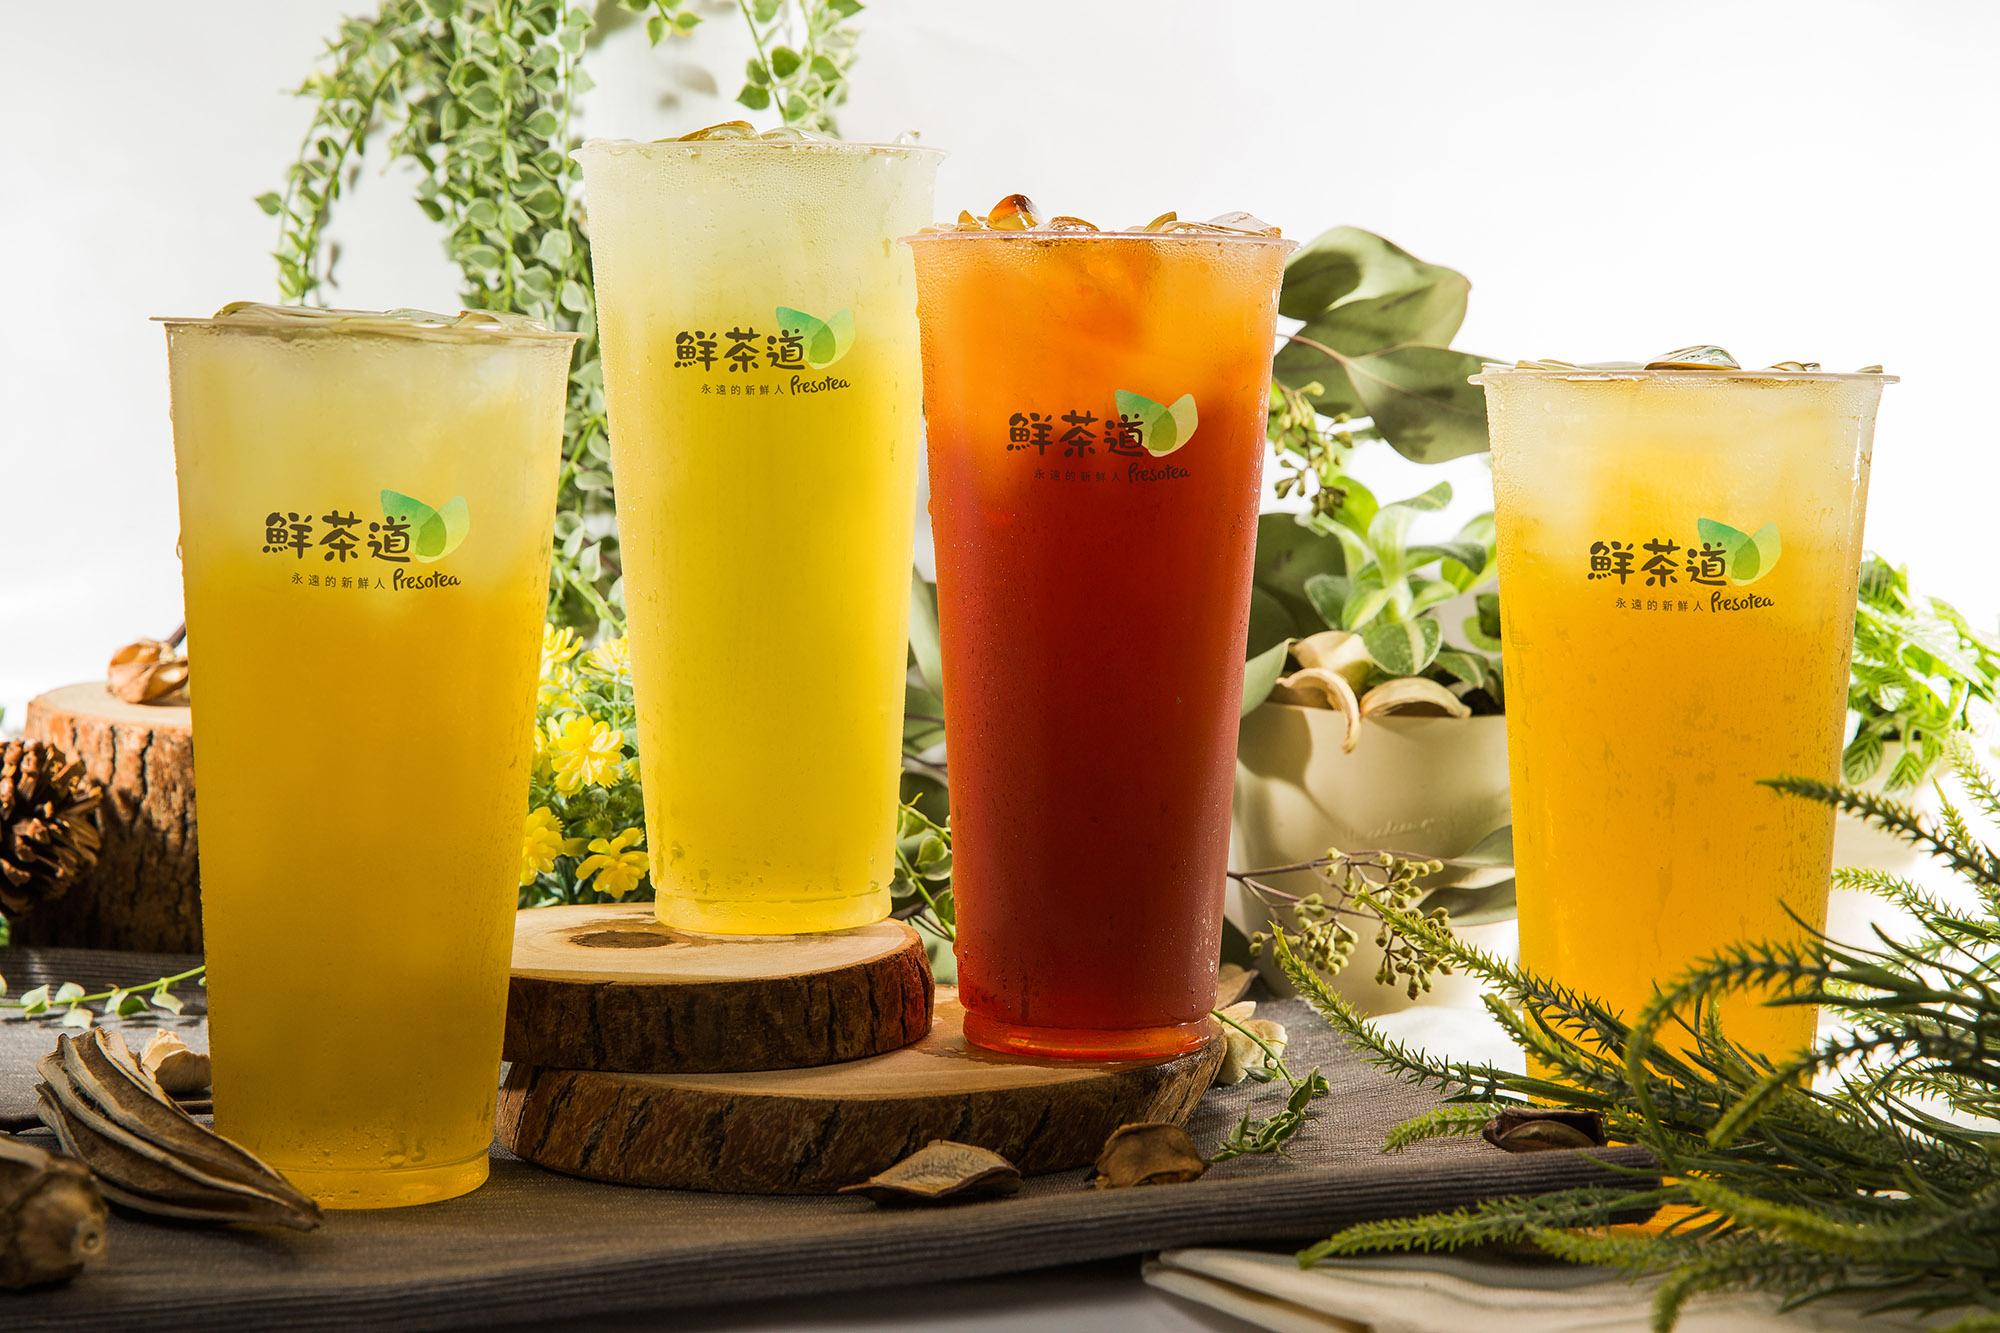 Presotea bubble tea franchise